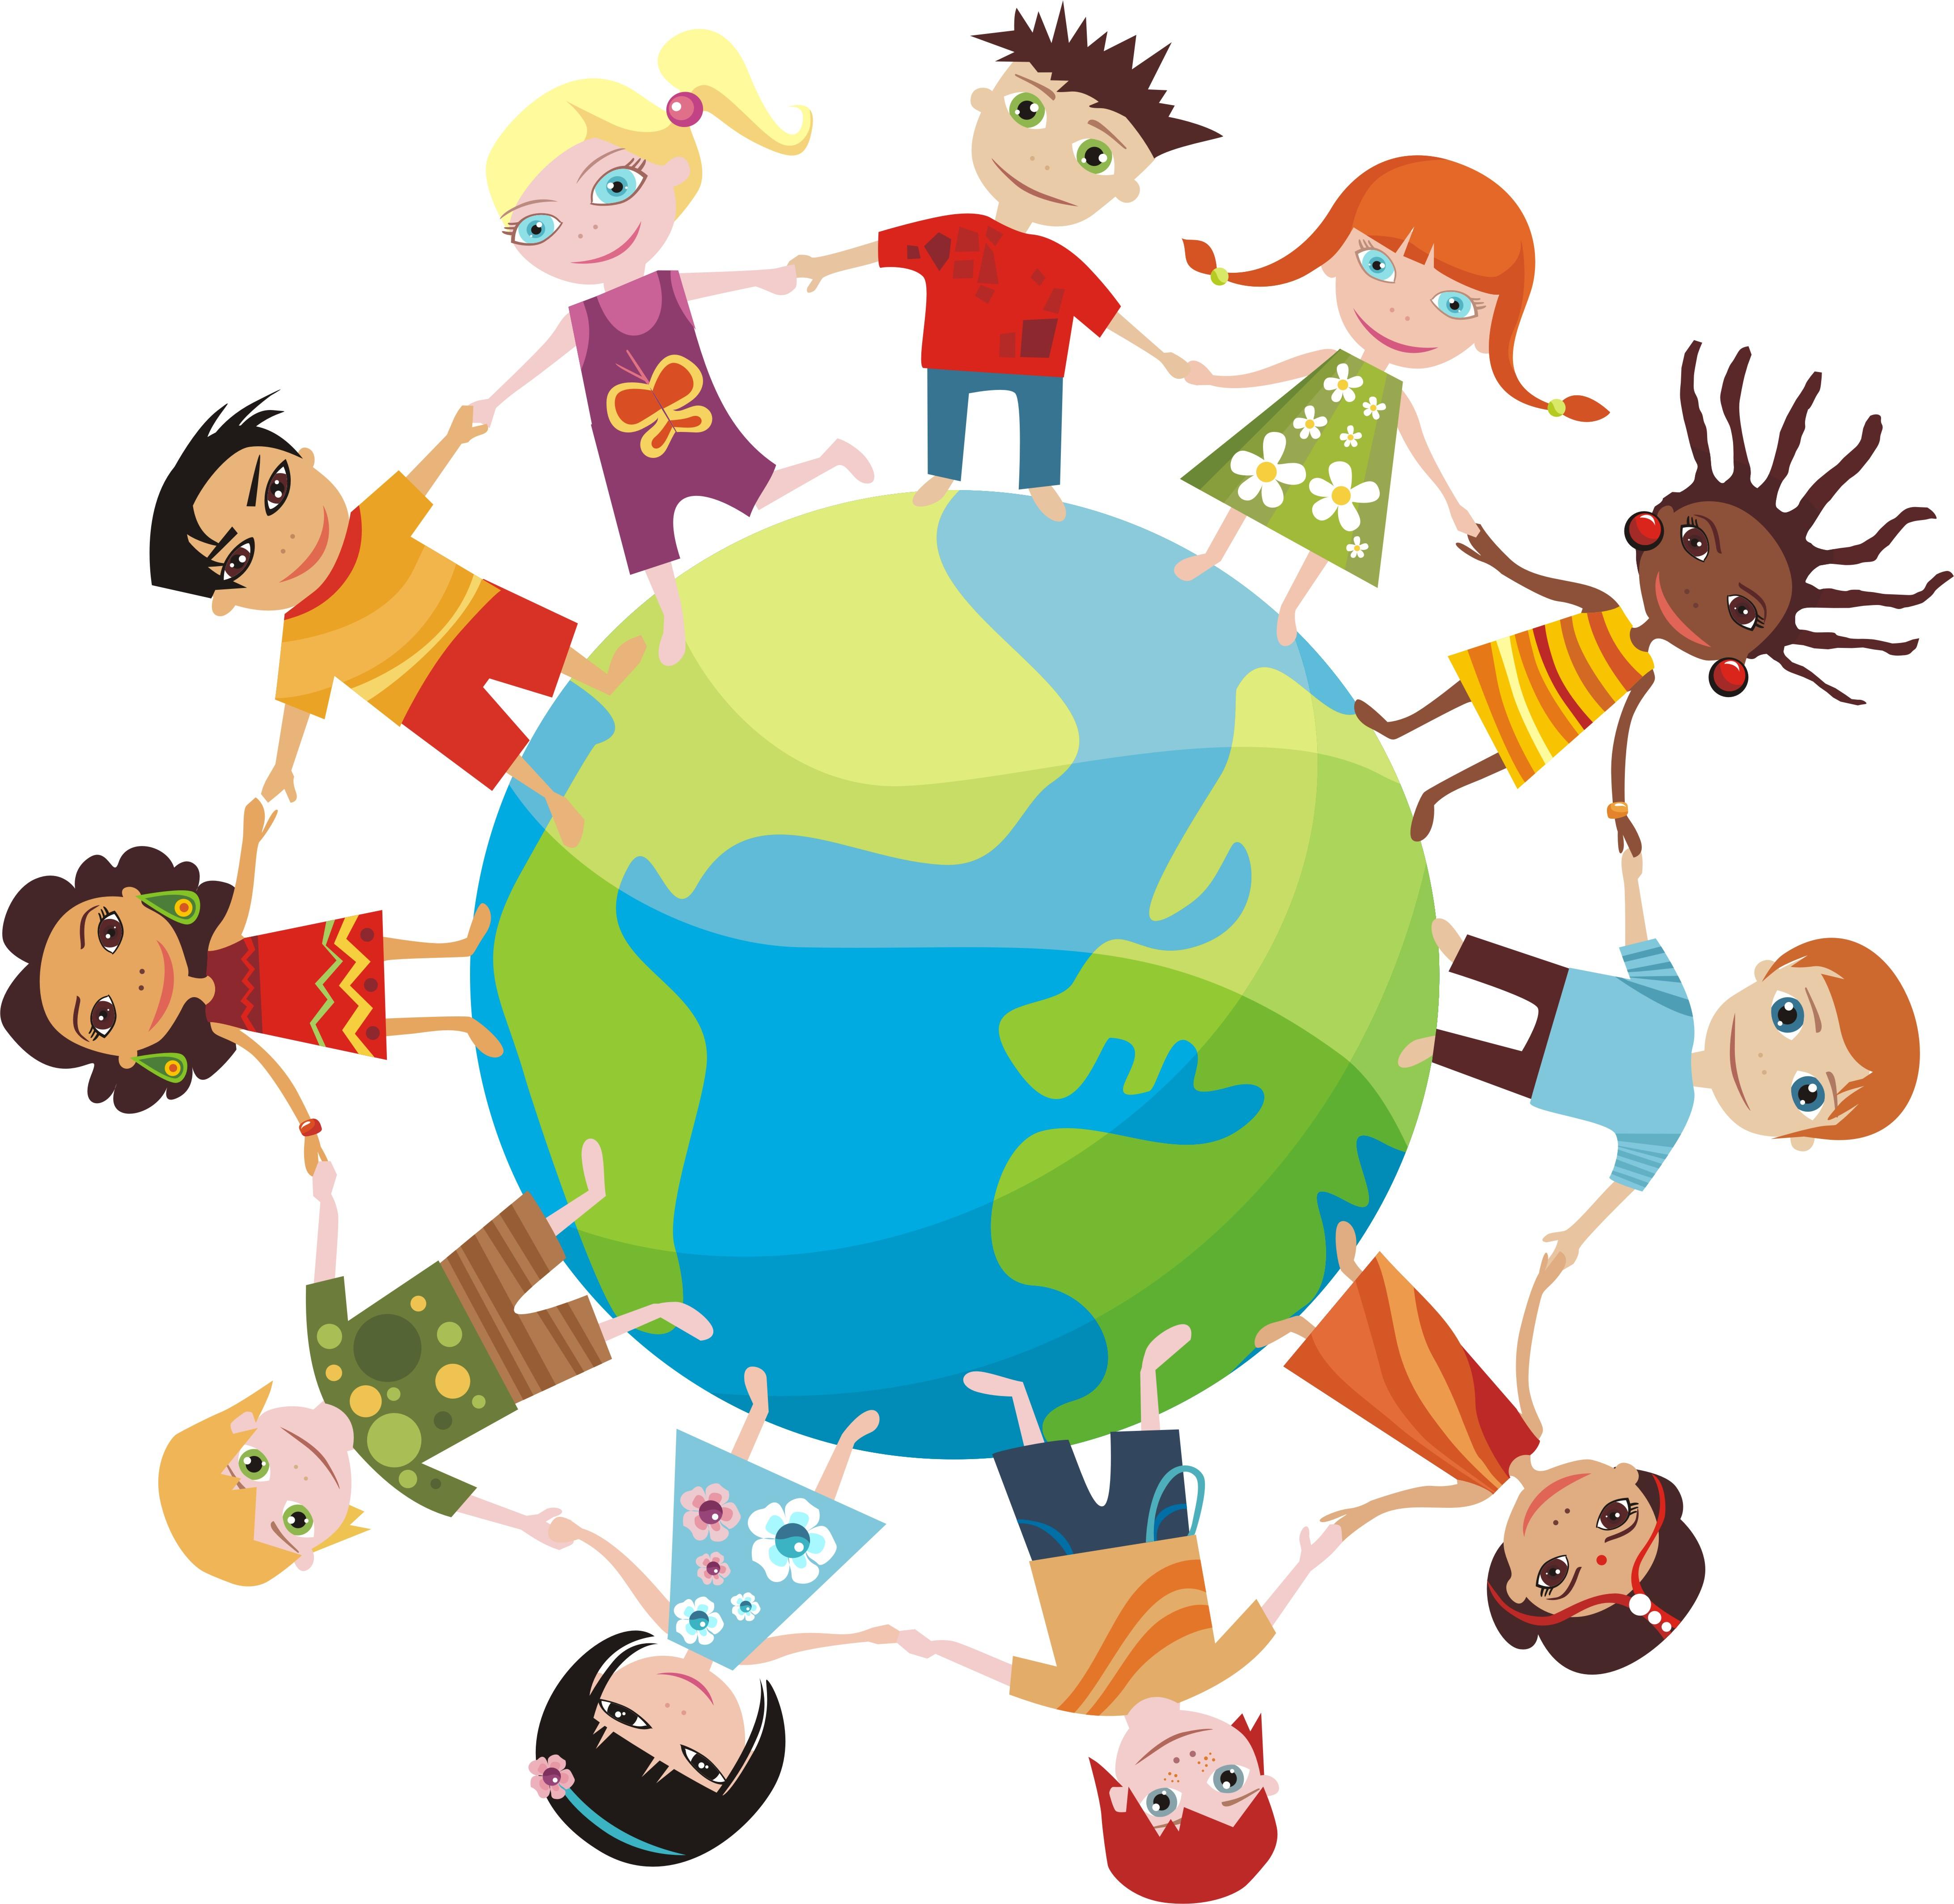 Картинка планета земля дружба народов